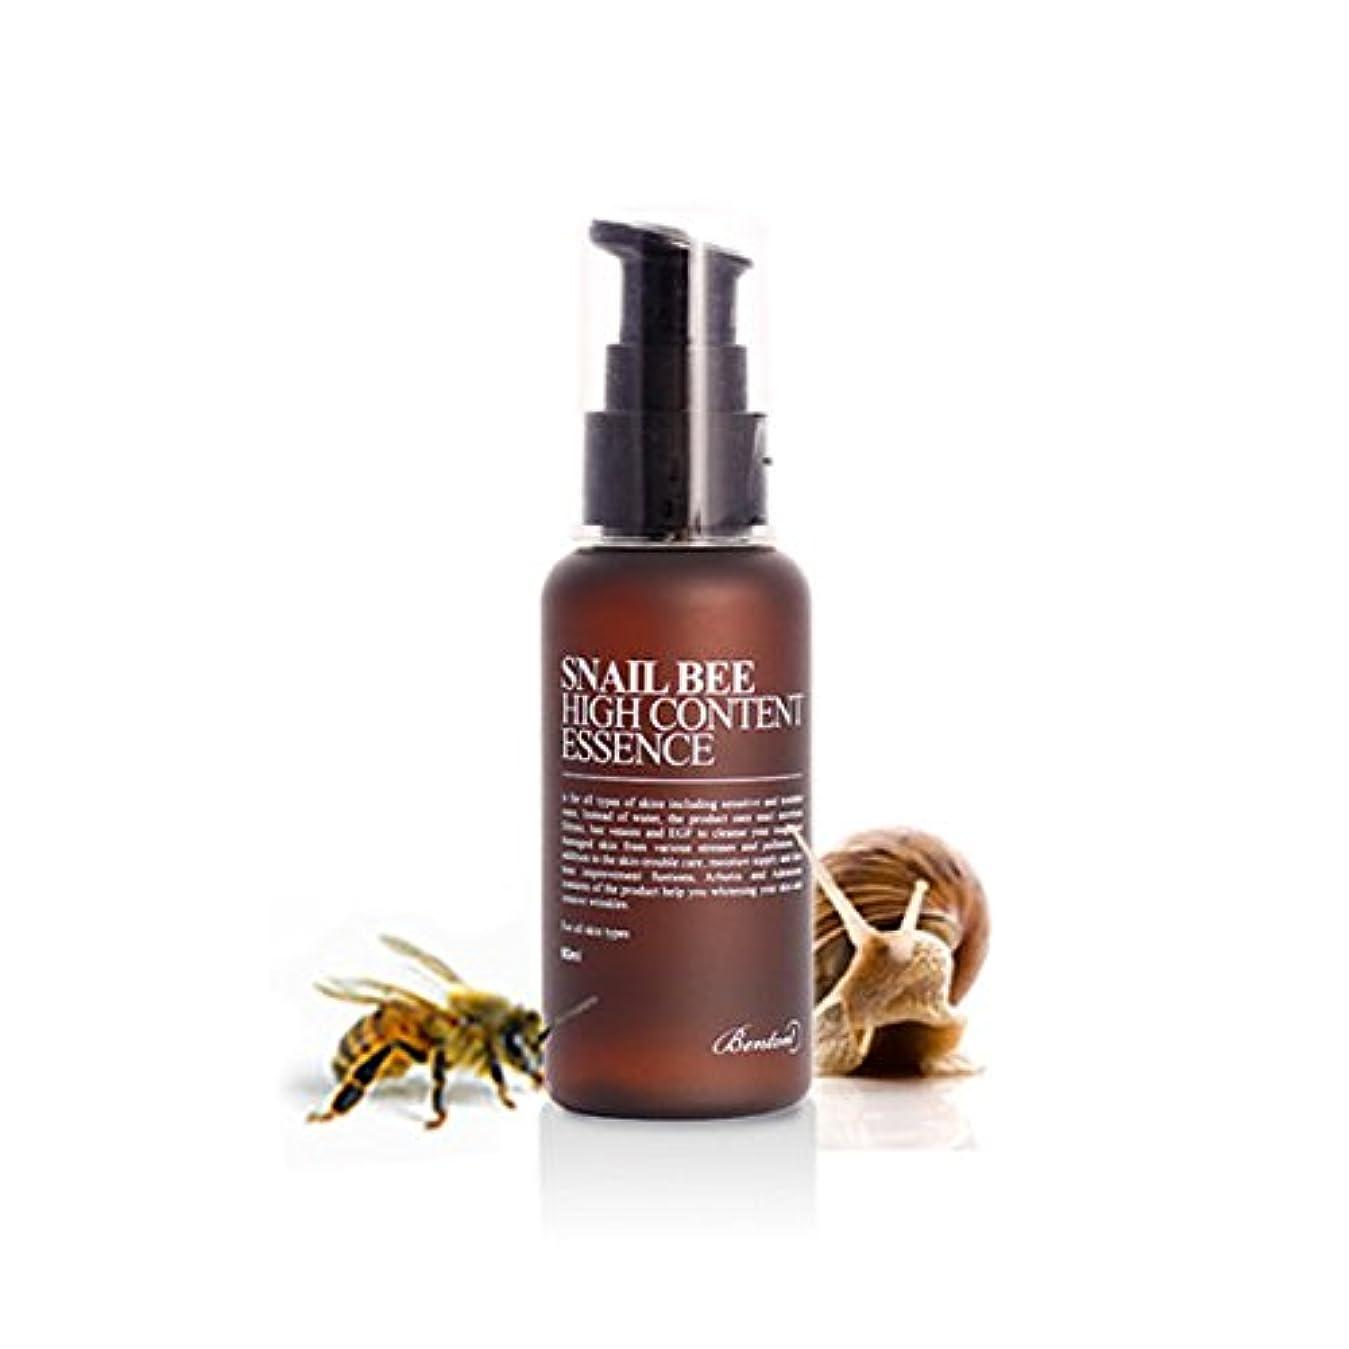 インサートスカリーどちらか[ベントン] Benton カタツムリ蜂ハイコンテンツエッセンス Snail Bee High Content Essence 60ml [並行輸入品]